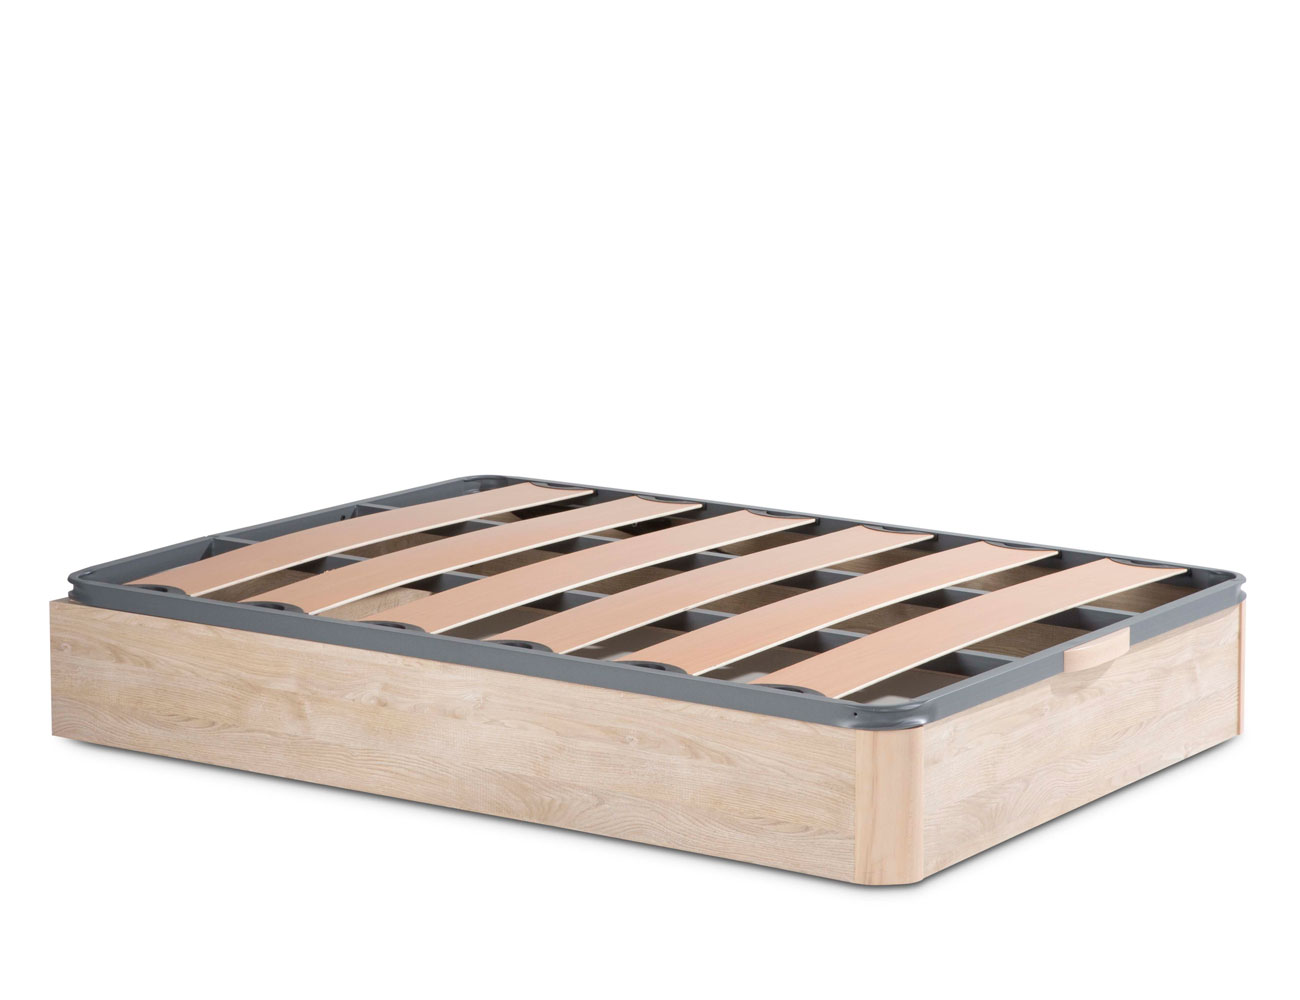 Canape madera somier laminas pvc 788